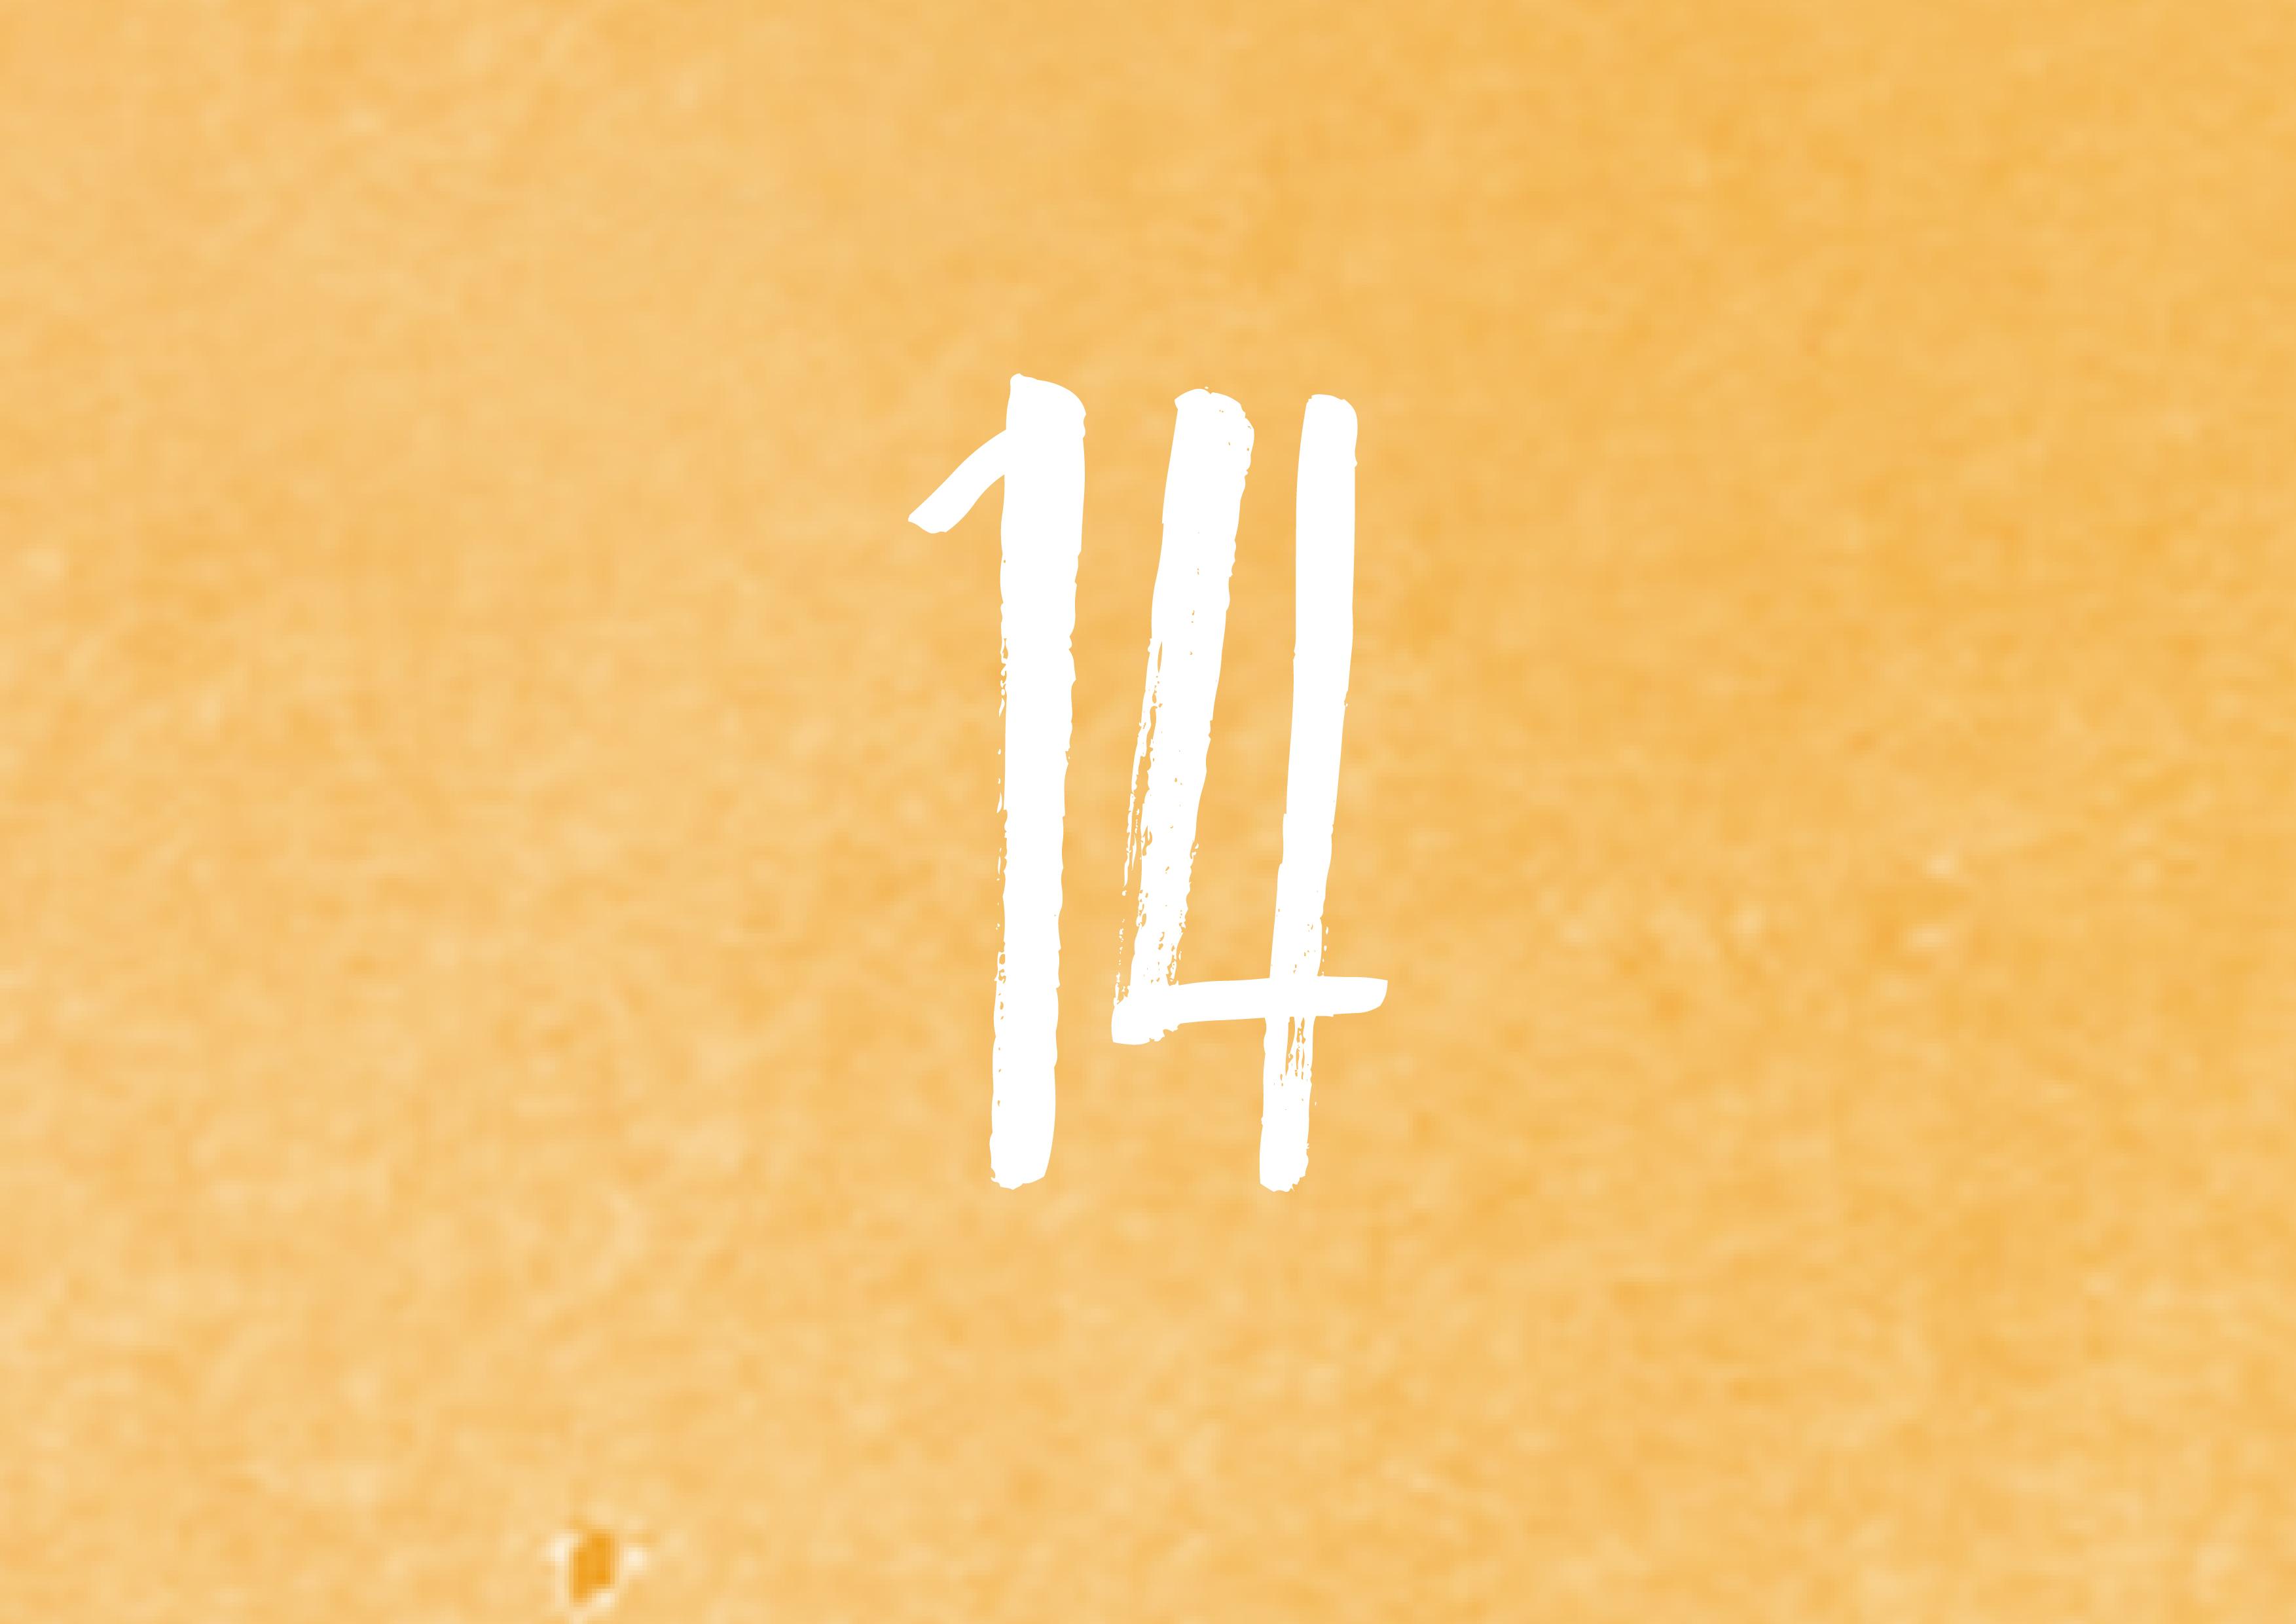 Calendrier de l'avent - 14